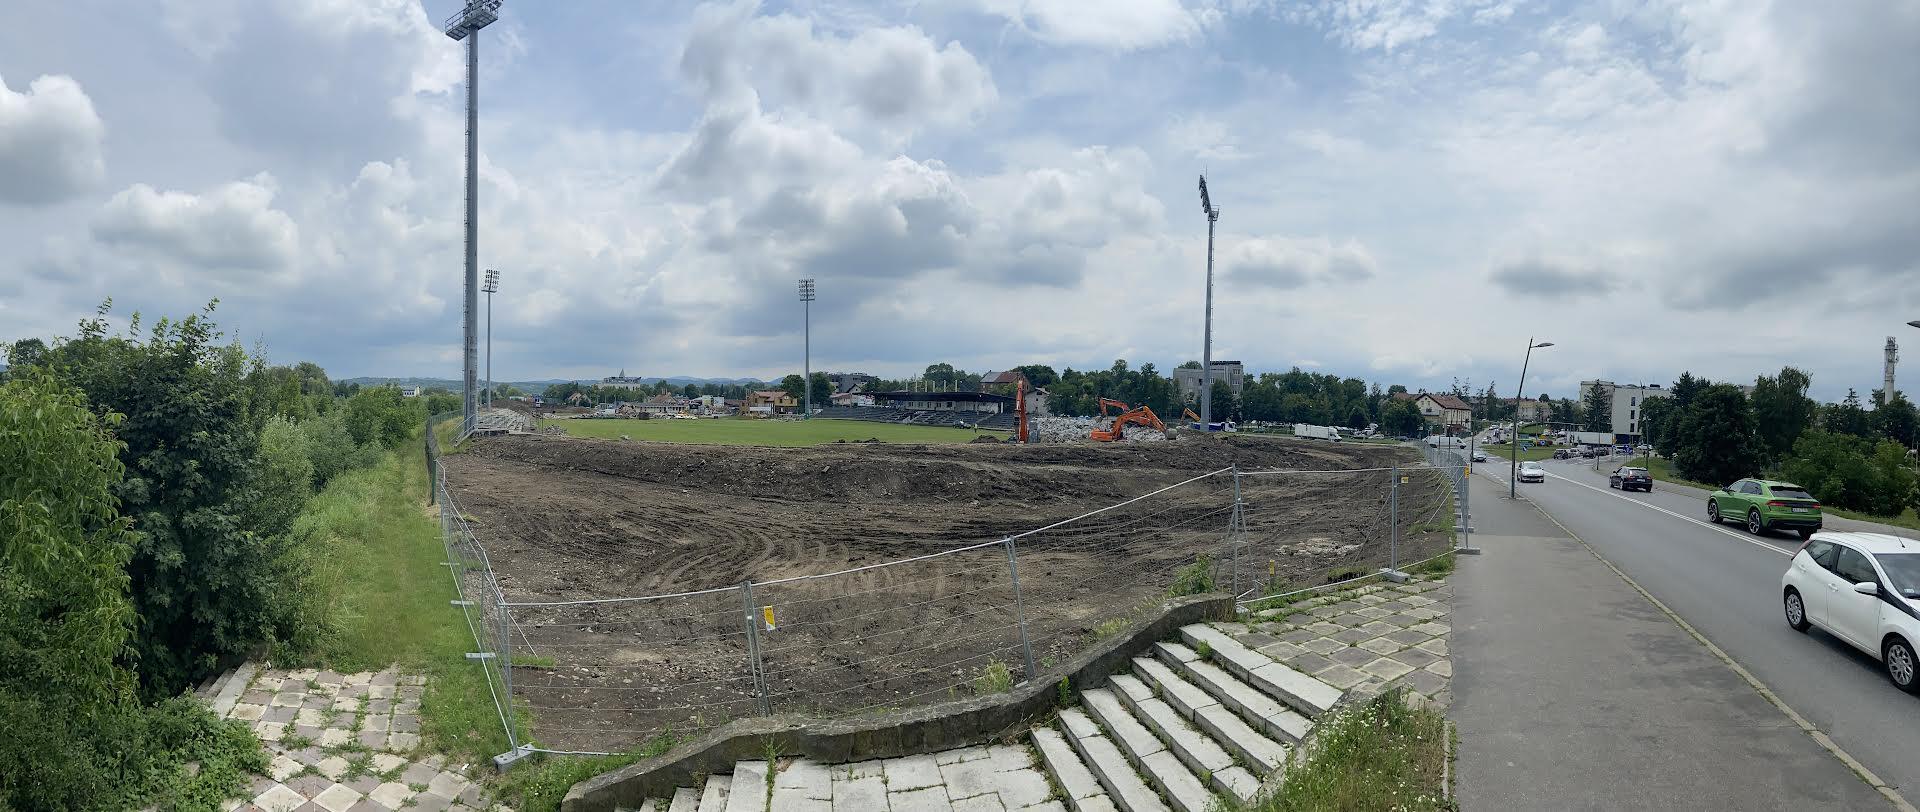 Plac budowy nowego stadionu Sandecji